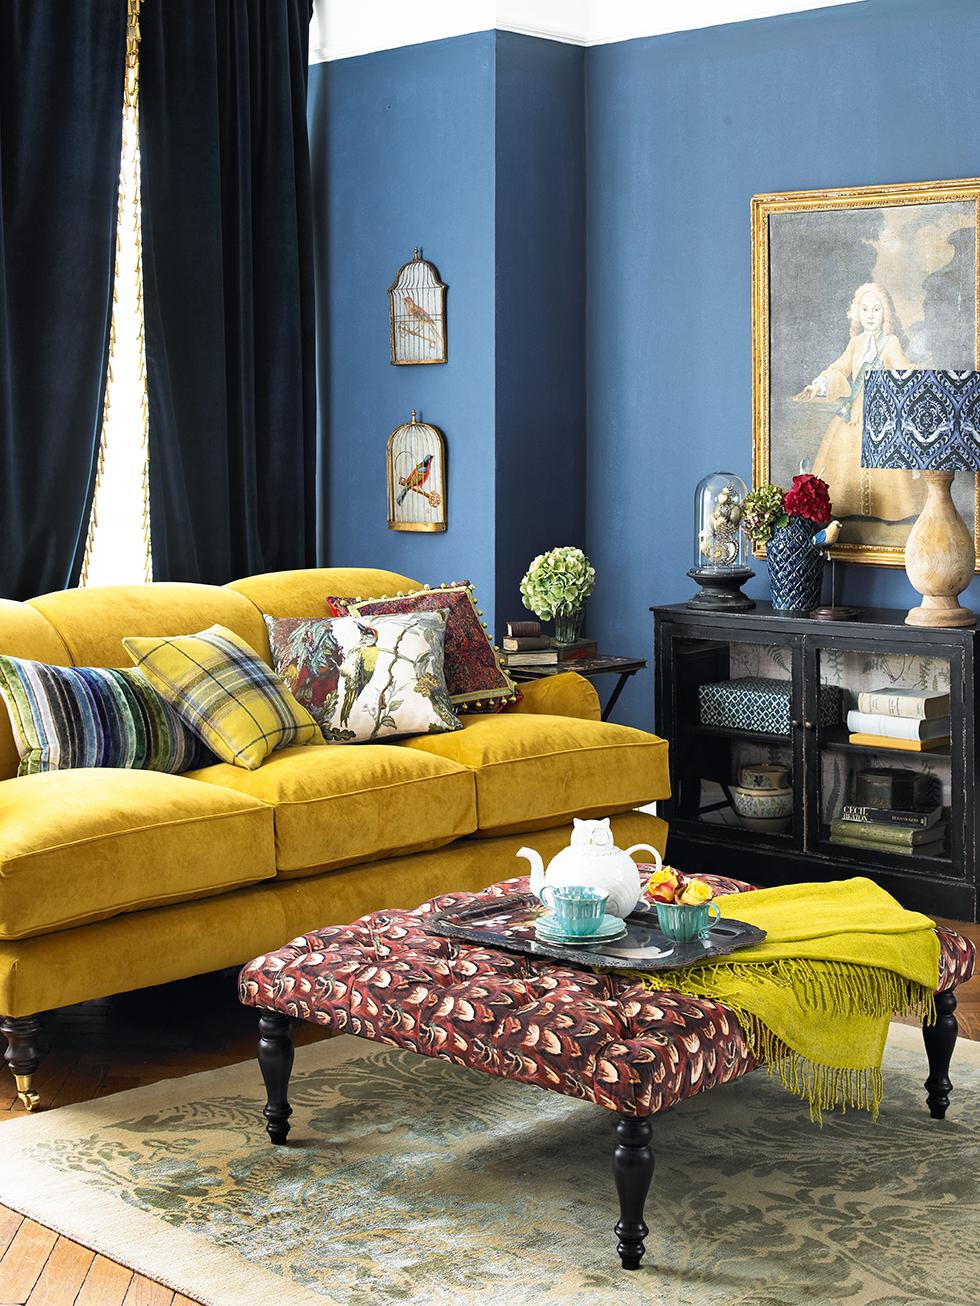 Eclectic British Decorating Ideas Period Living